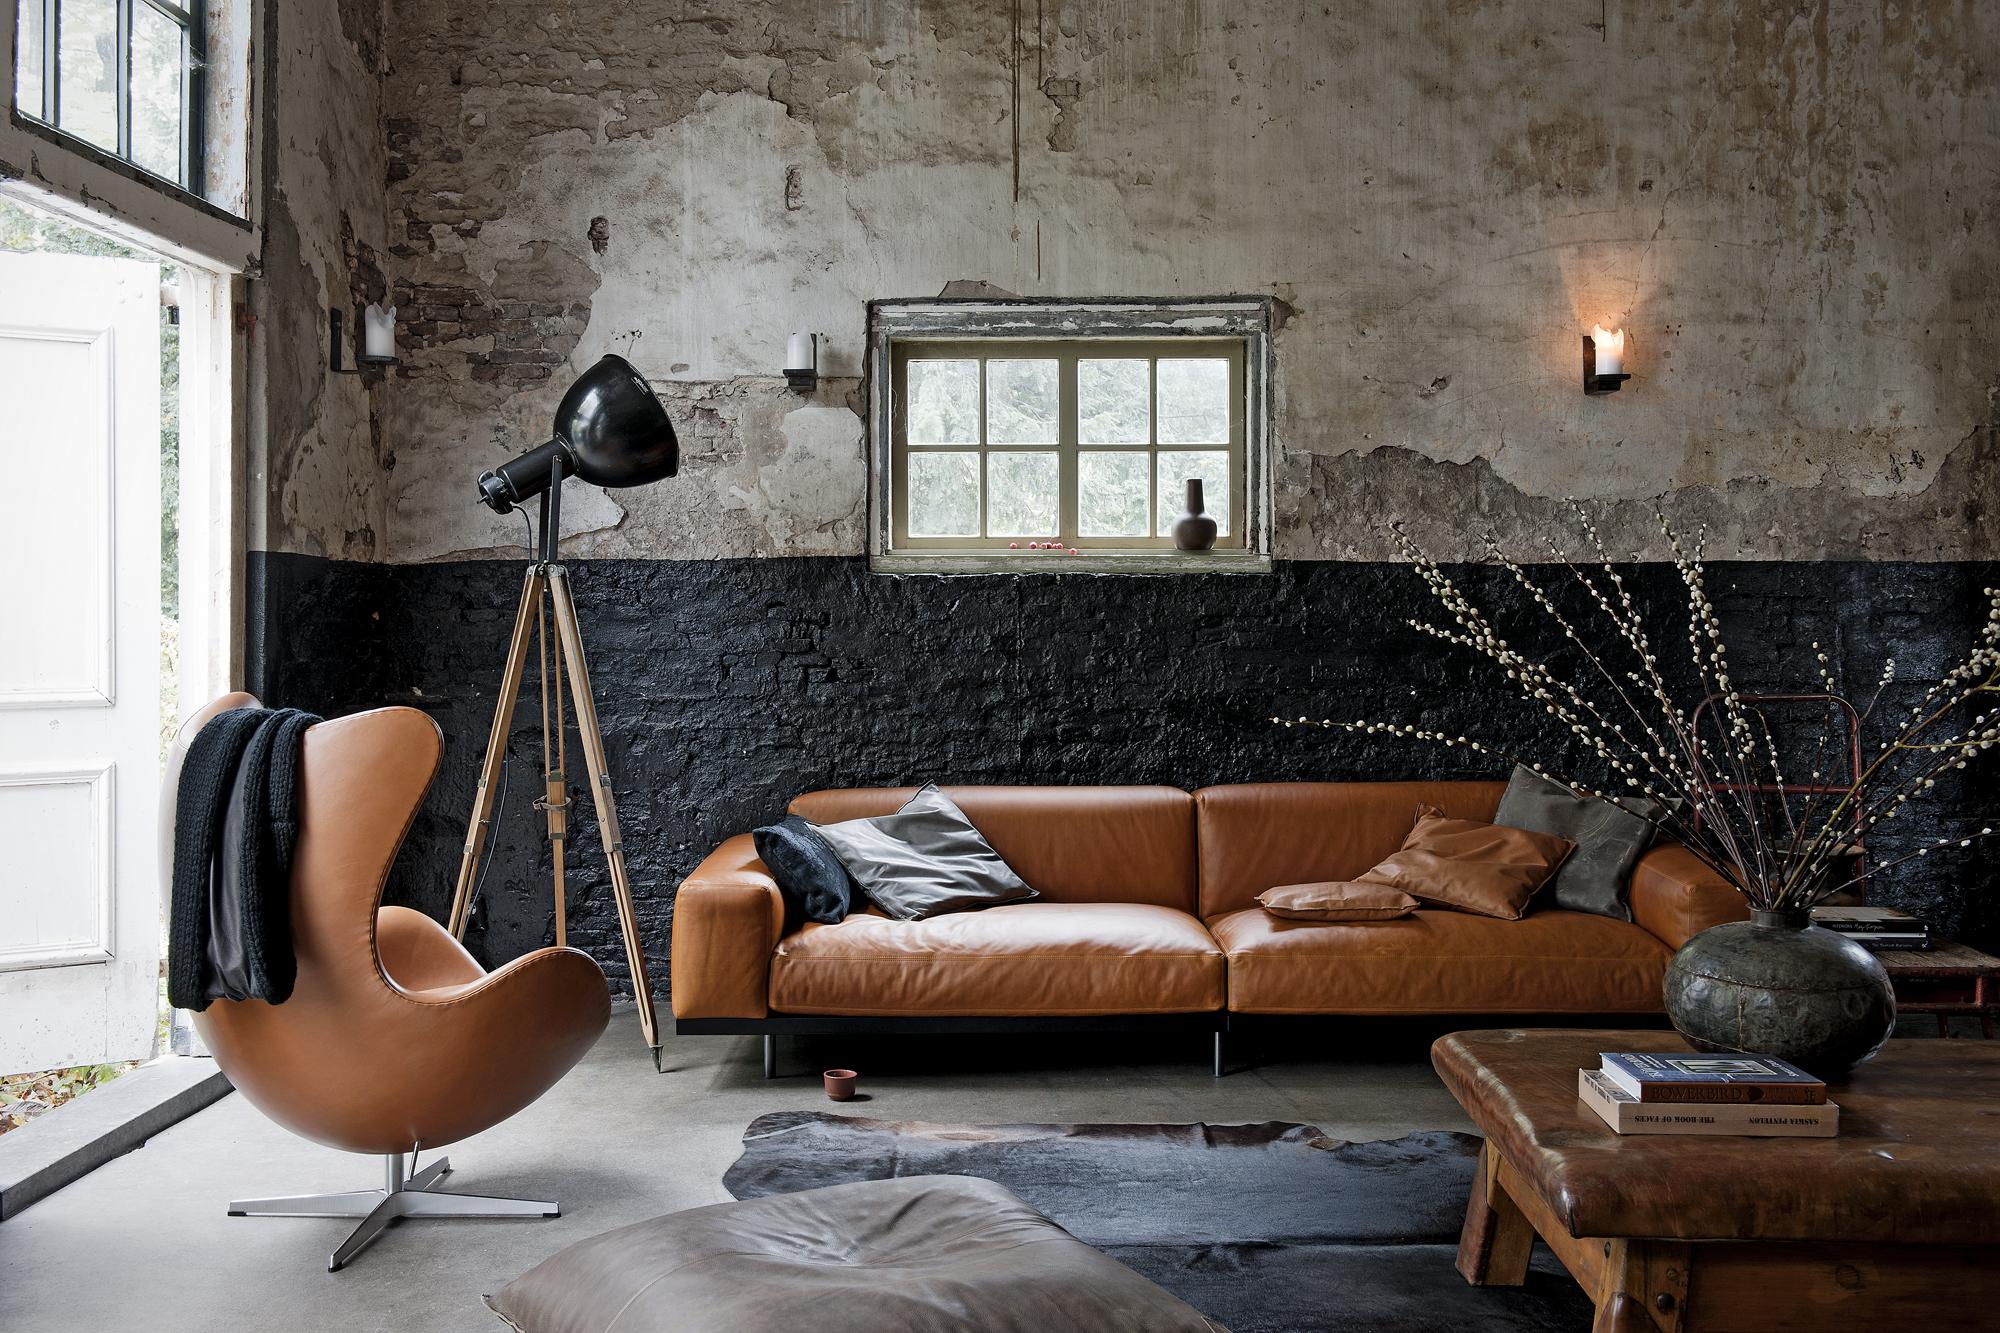 Kleurtips voor een industrieel interieur buiskoppeling blog for Interieur kleur